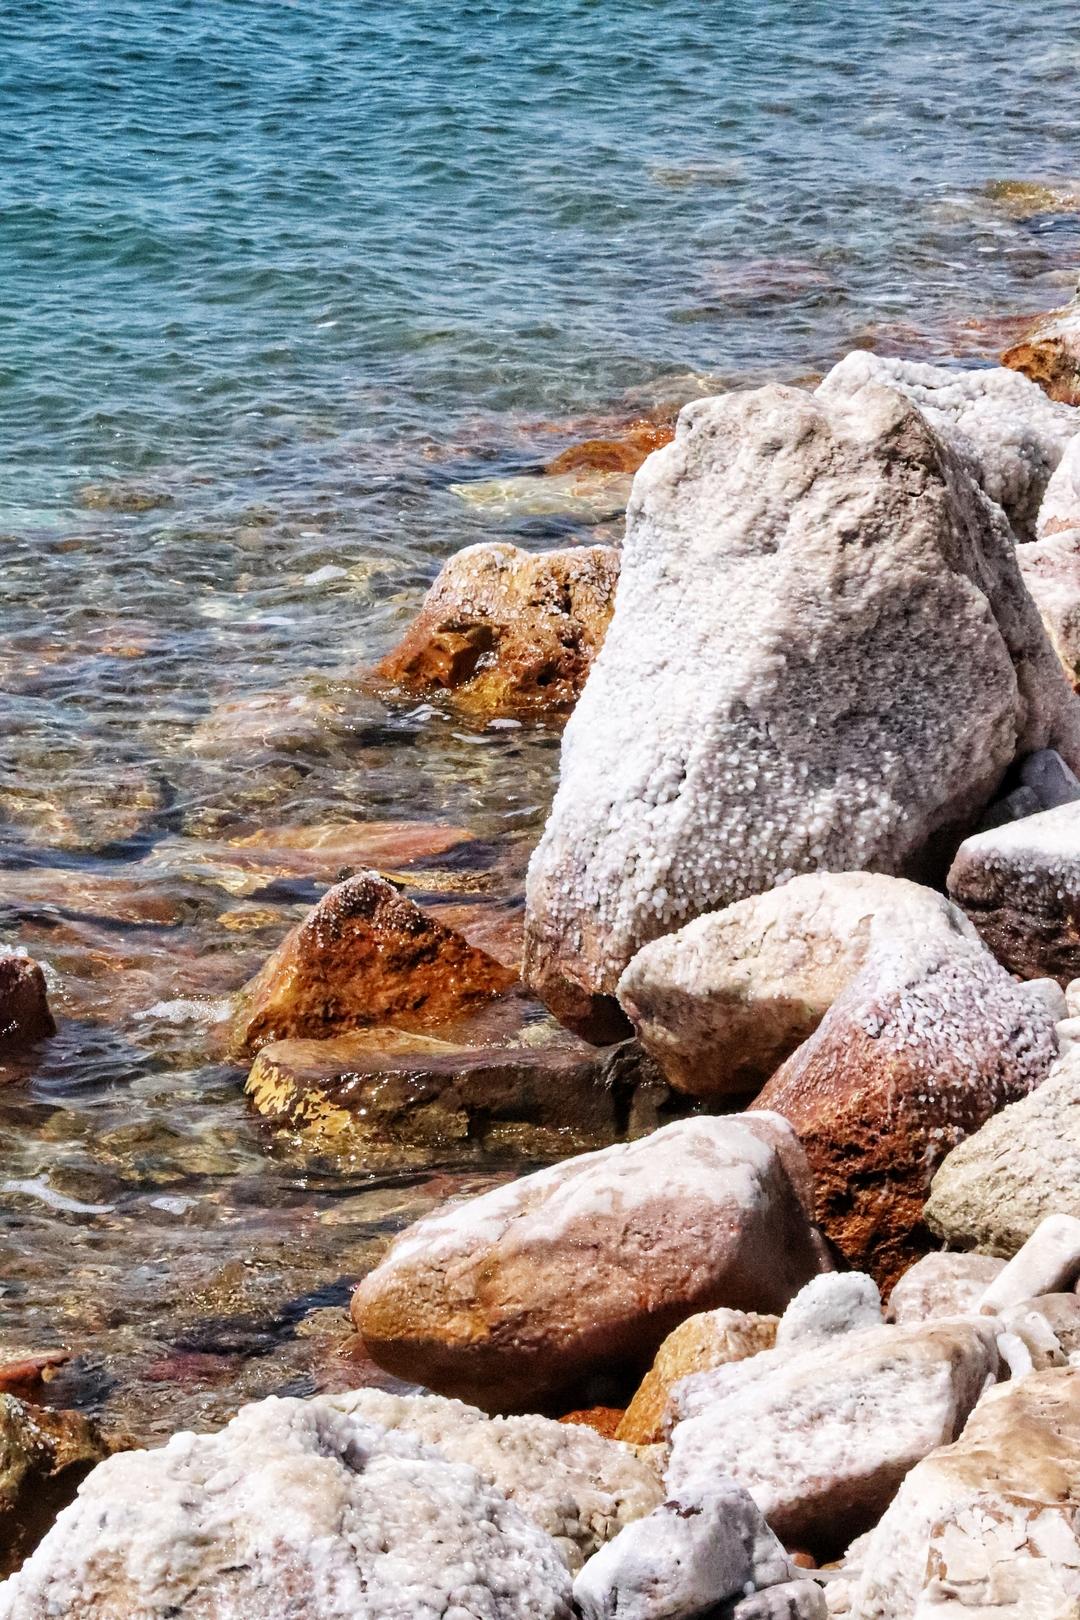 Jordanie - Dépôt de seul sur les rives de la Mer morte